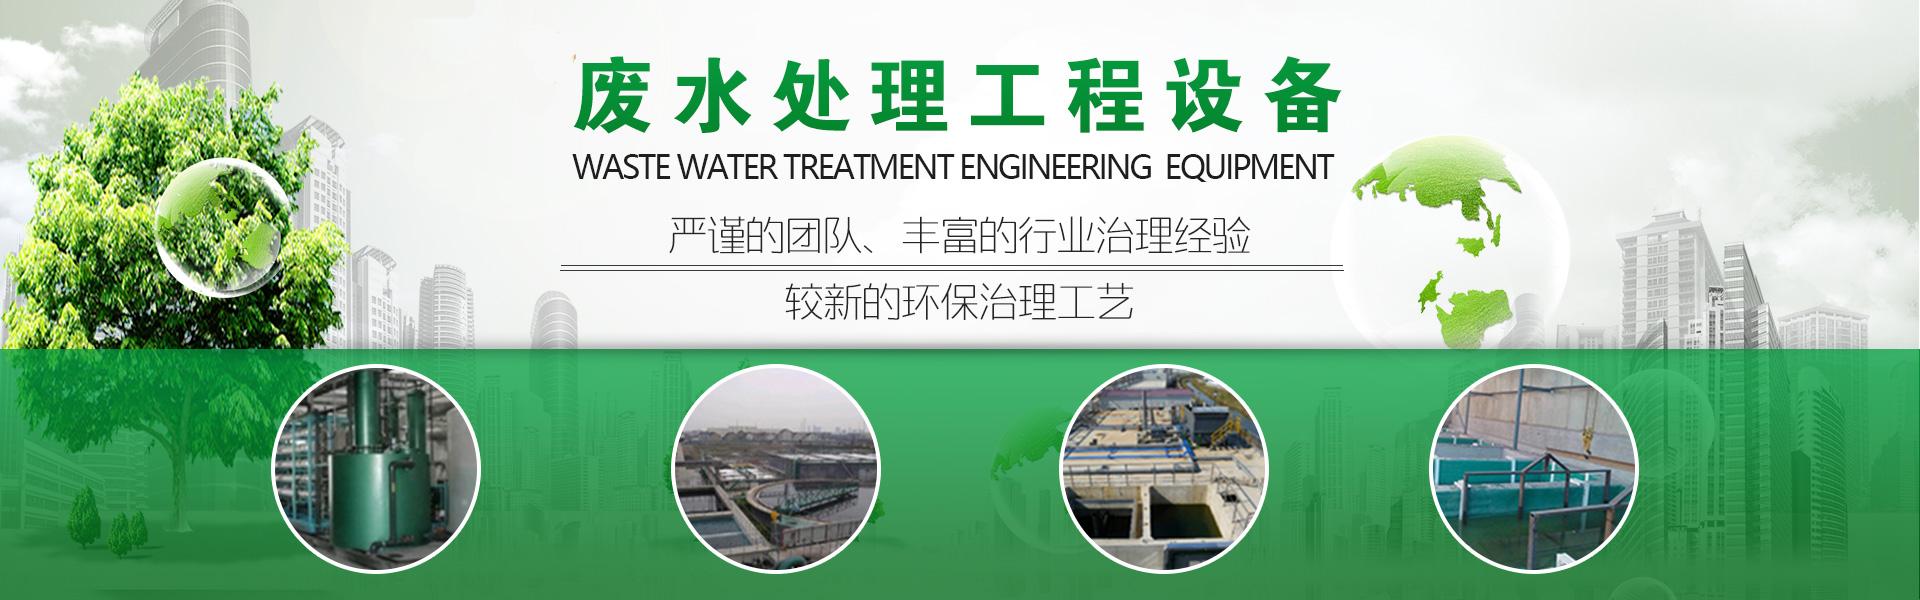 云浮净海环保为您提供废水处理设备,酸洗废水处理,喷涂废水处理等工业废水等业务!